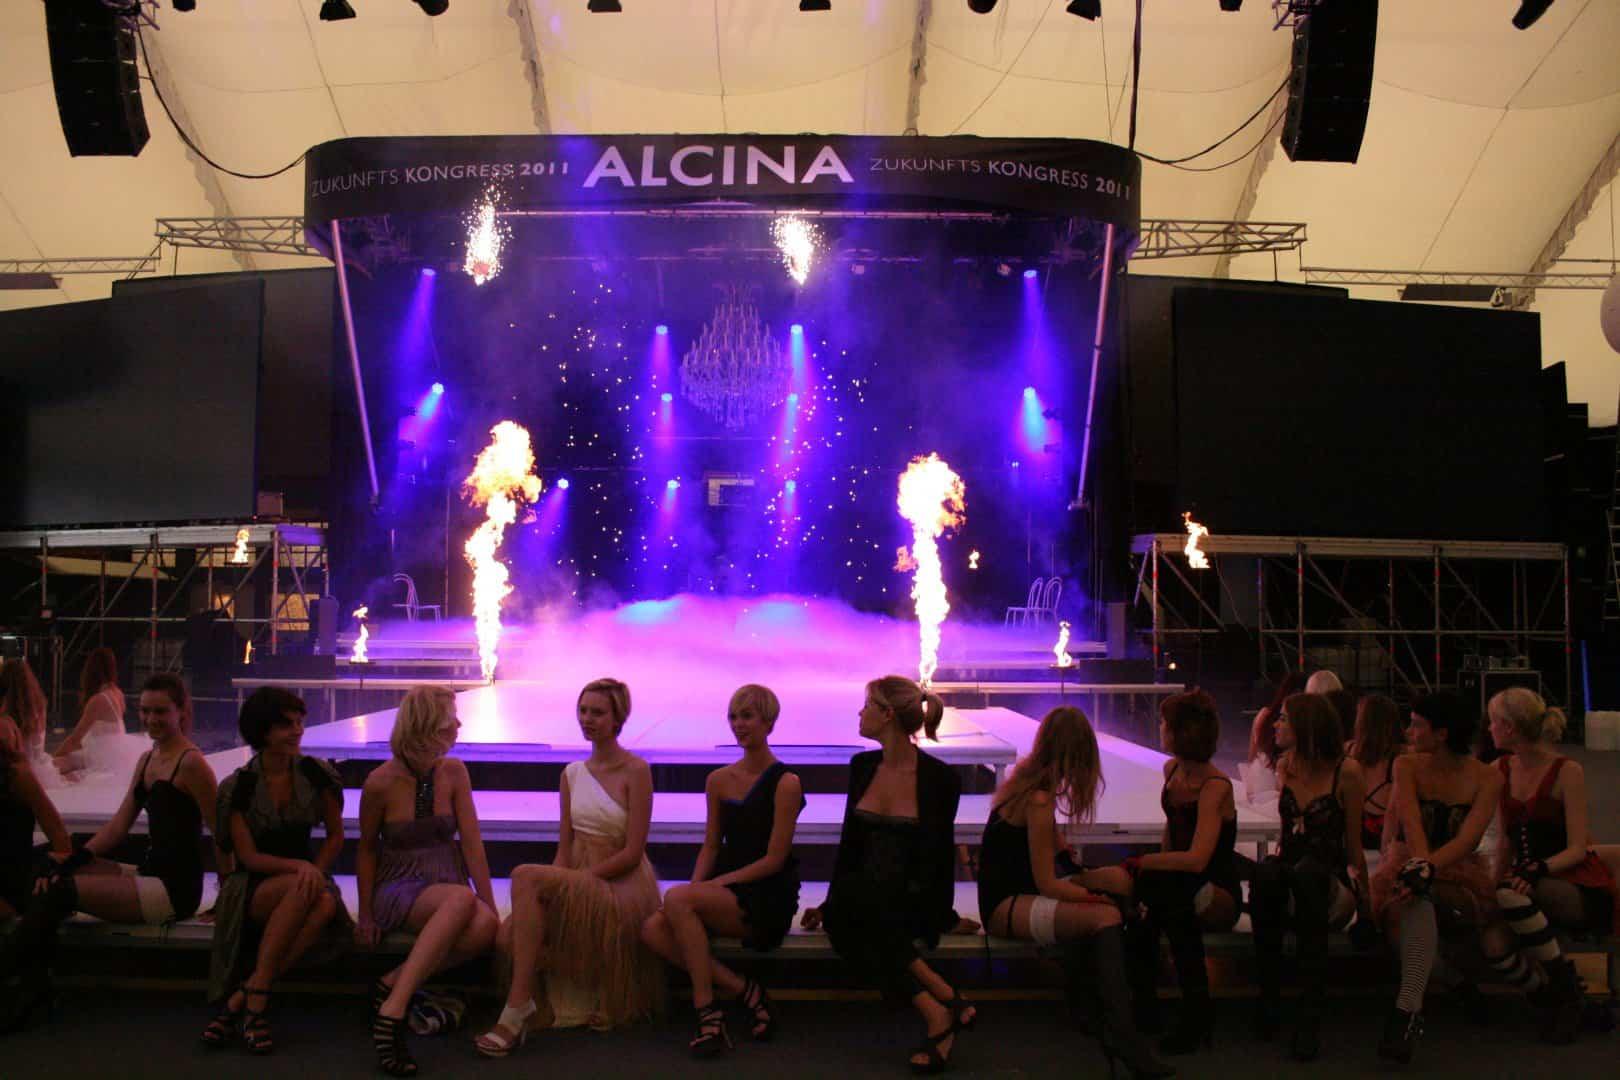 service-audio-video-luci-per-eventi-manifestazioni-sfilate-comizi-indoor-outdoor-installazioni (8)